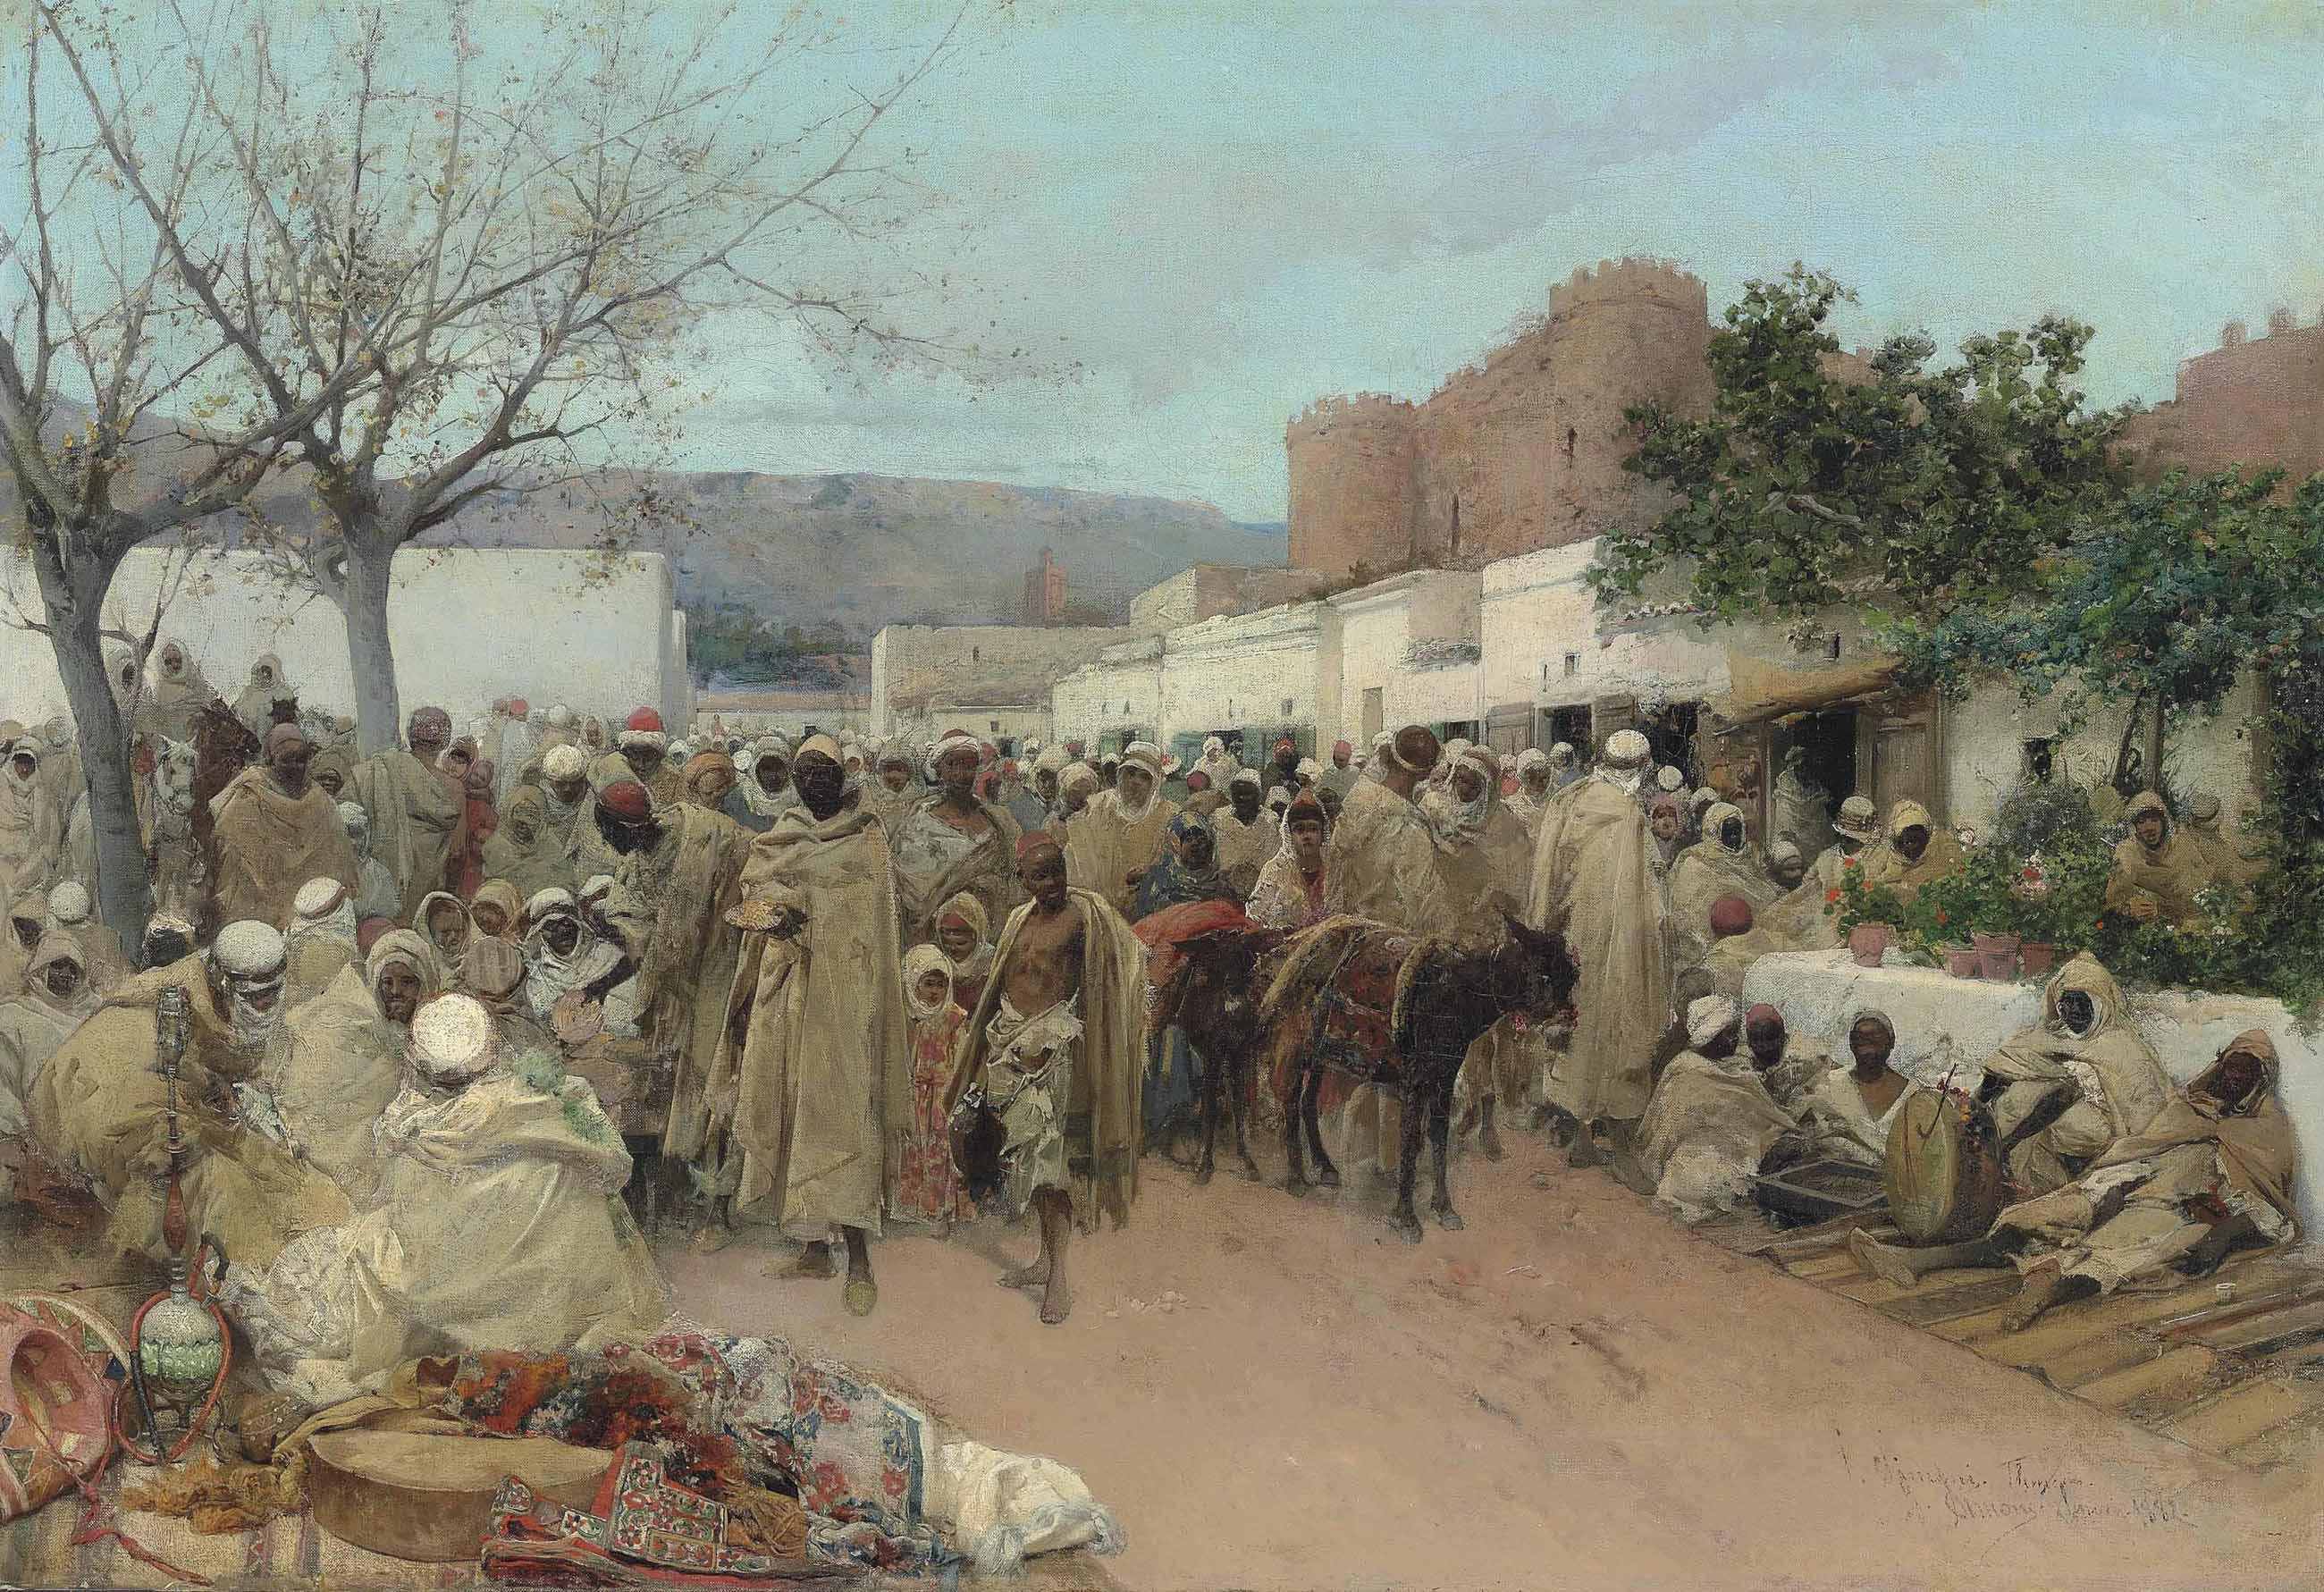 Market day in Tlemcen, Algeria